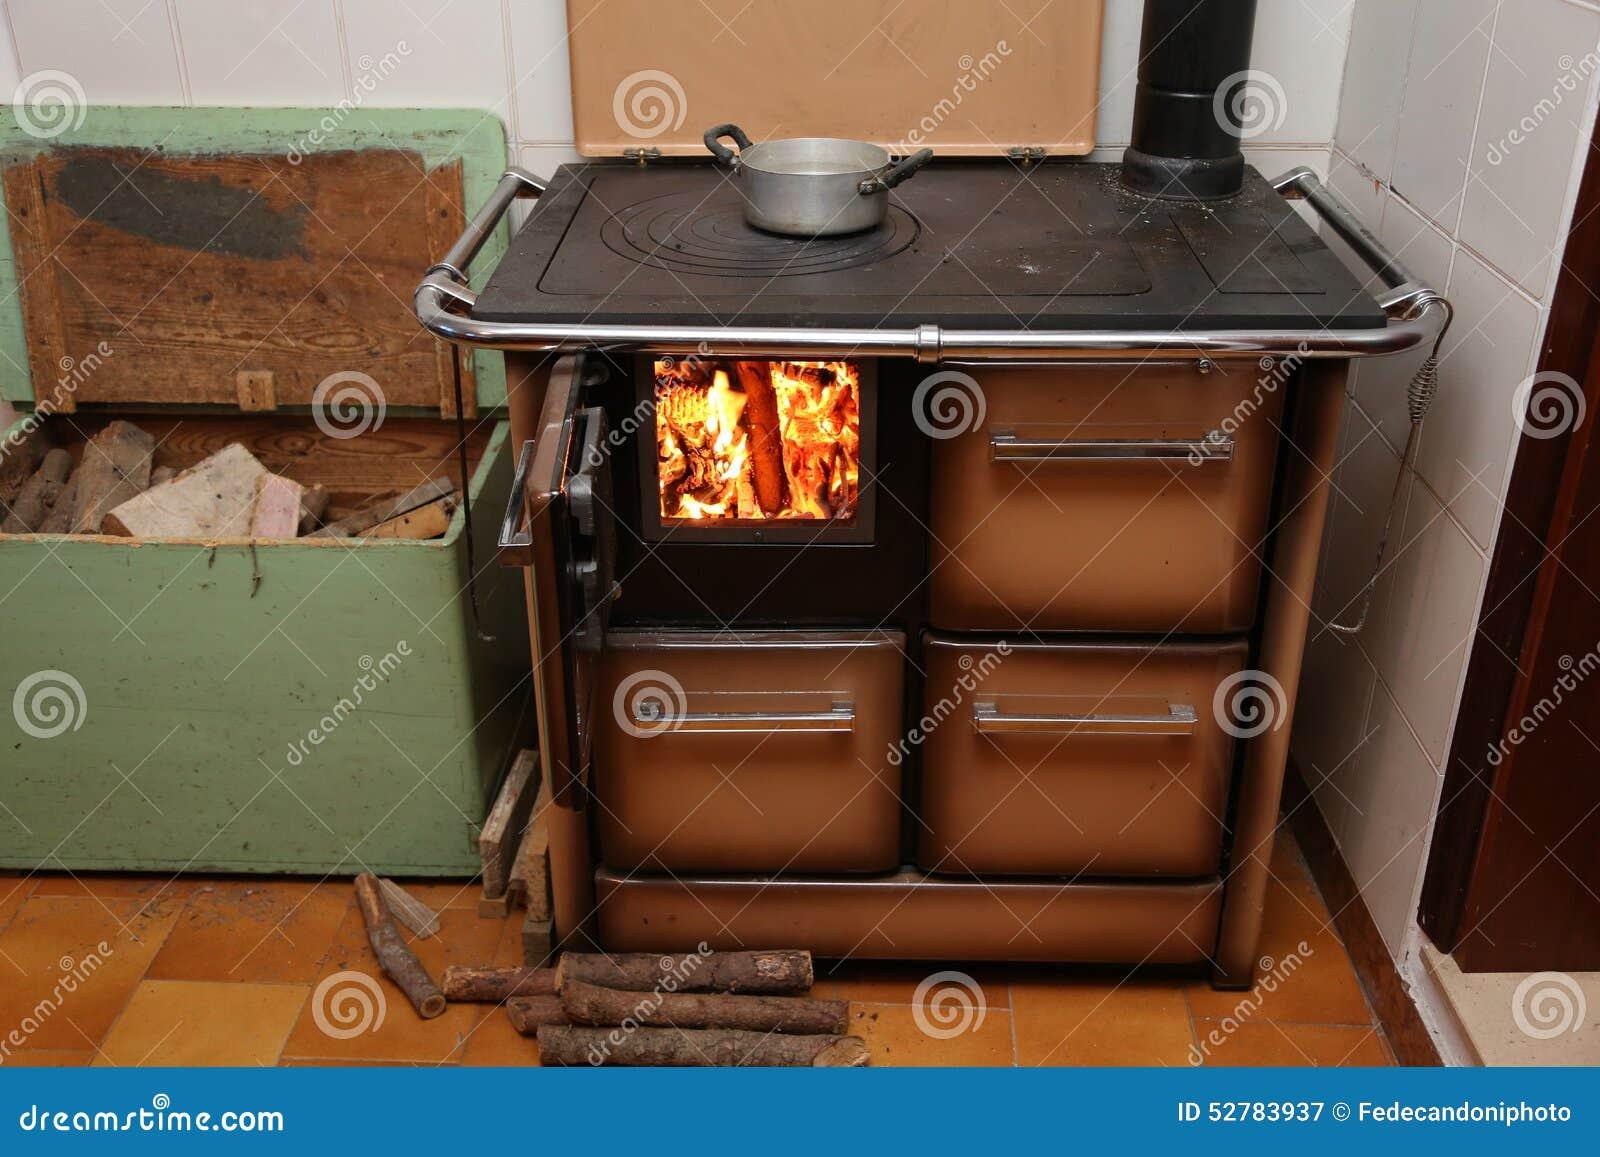 Stufa che antica una stufa a legna con fuoco si accesa for Stufa a legna argo